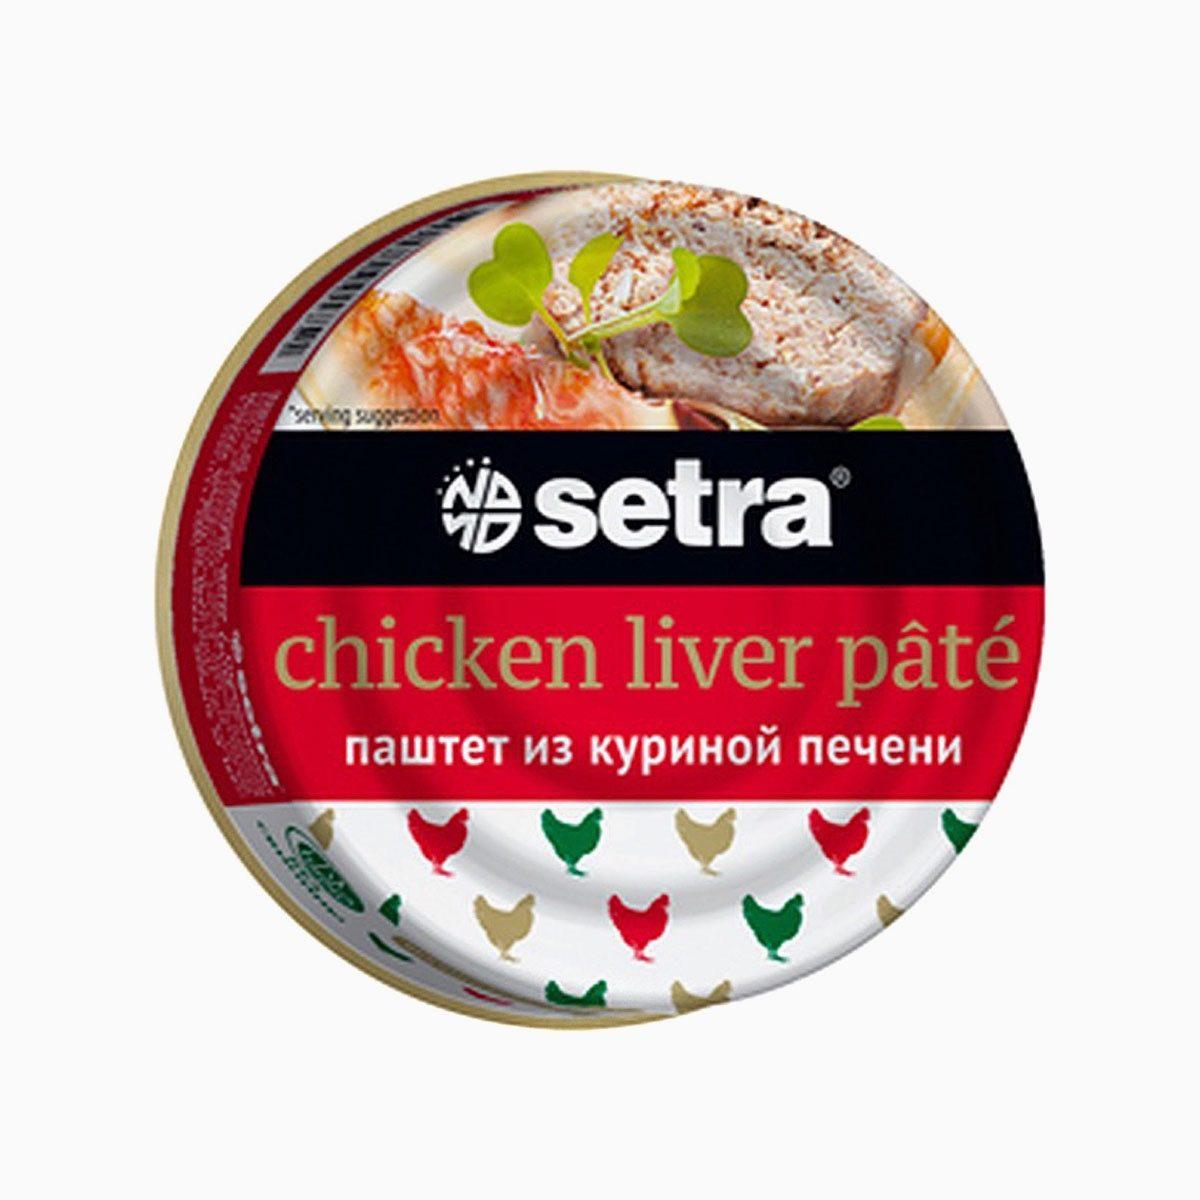 Паштет из куриной печени, Setra, 100 гр